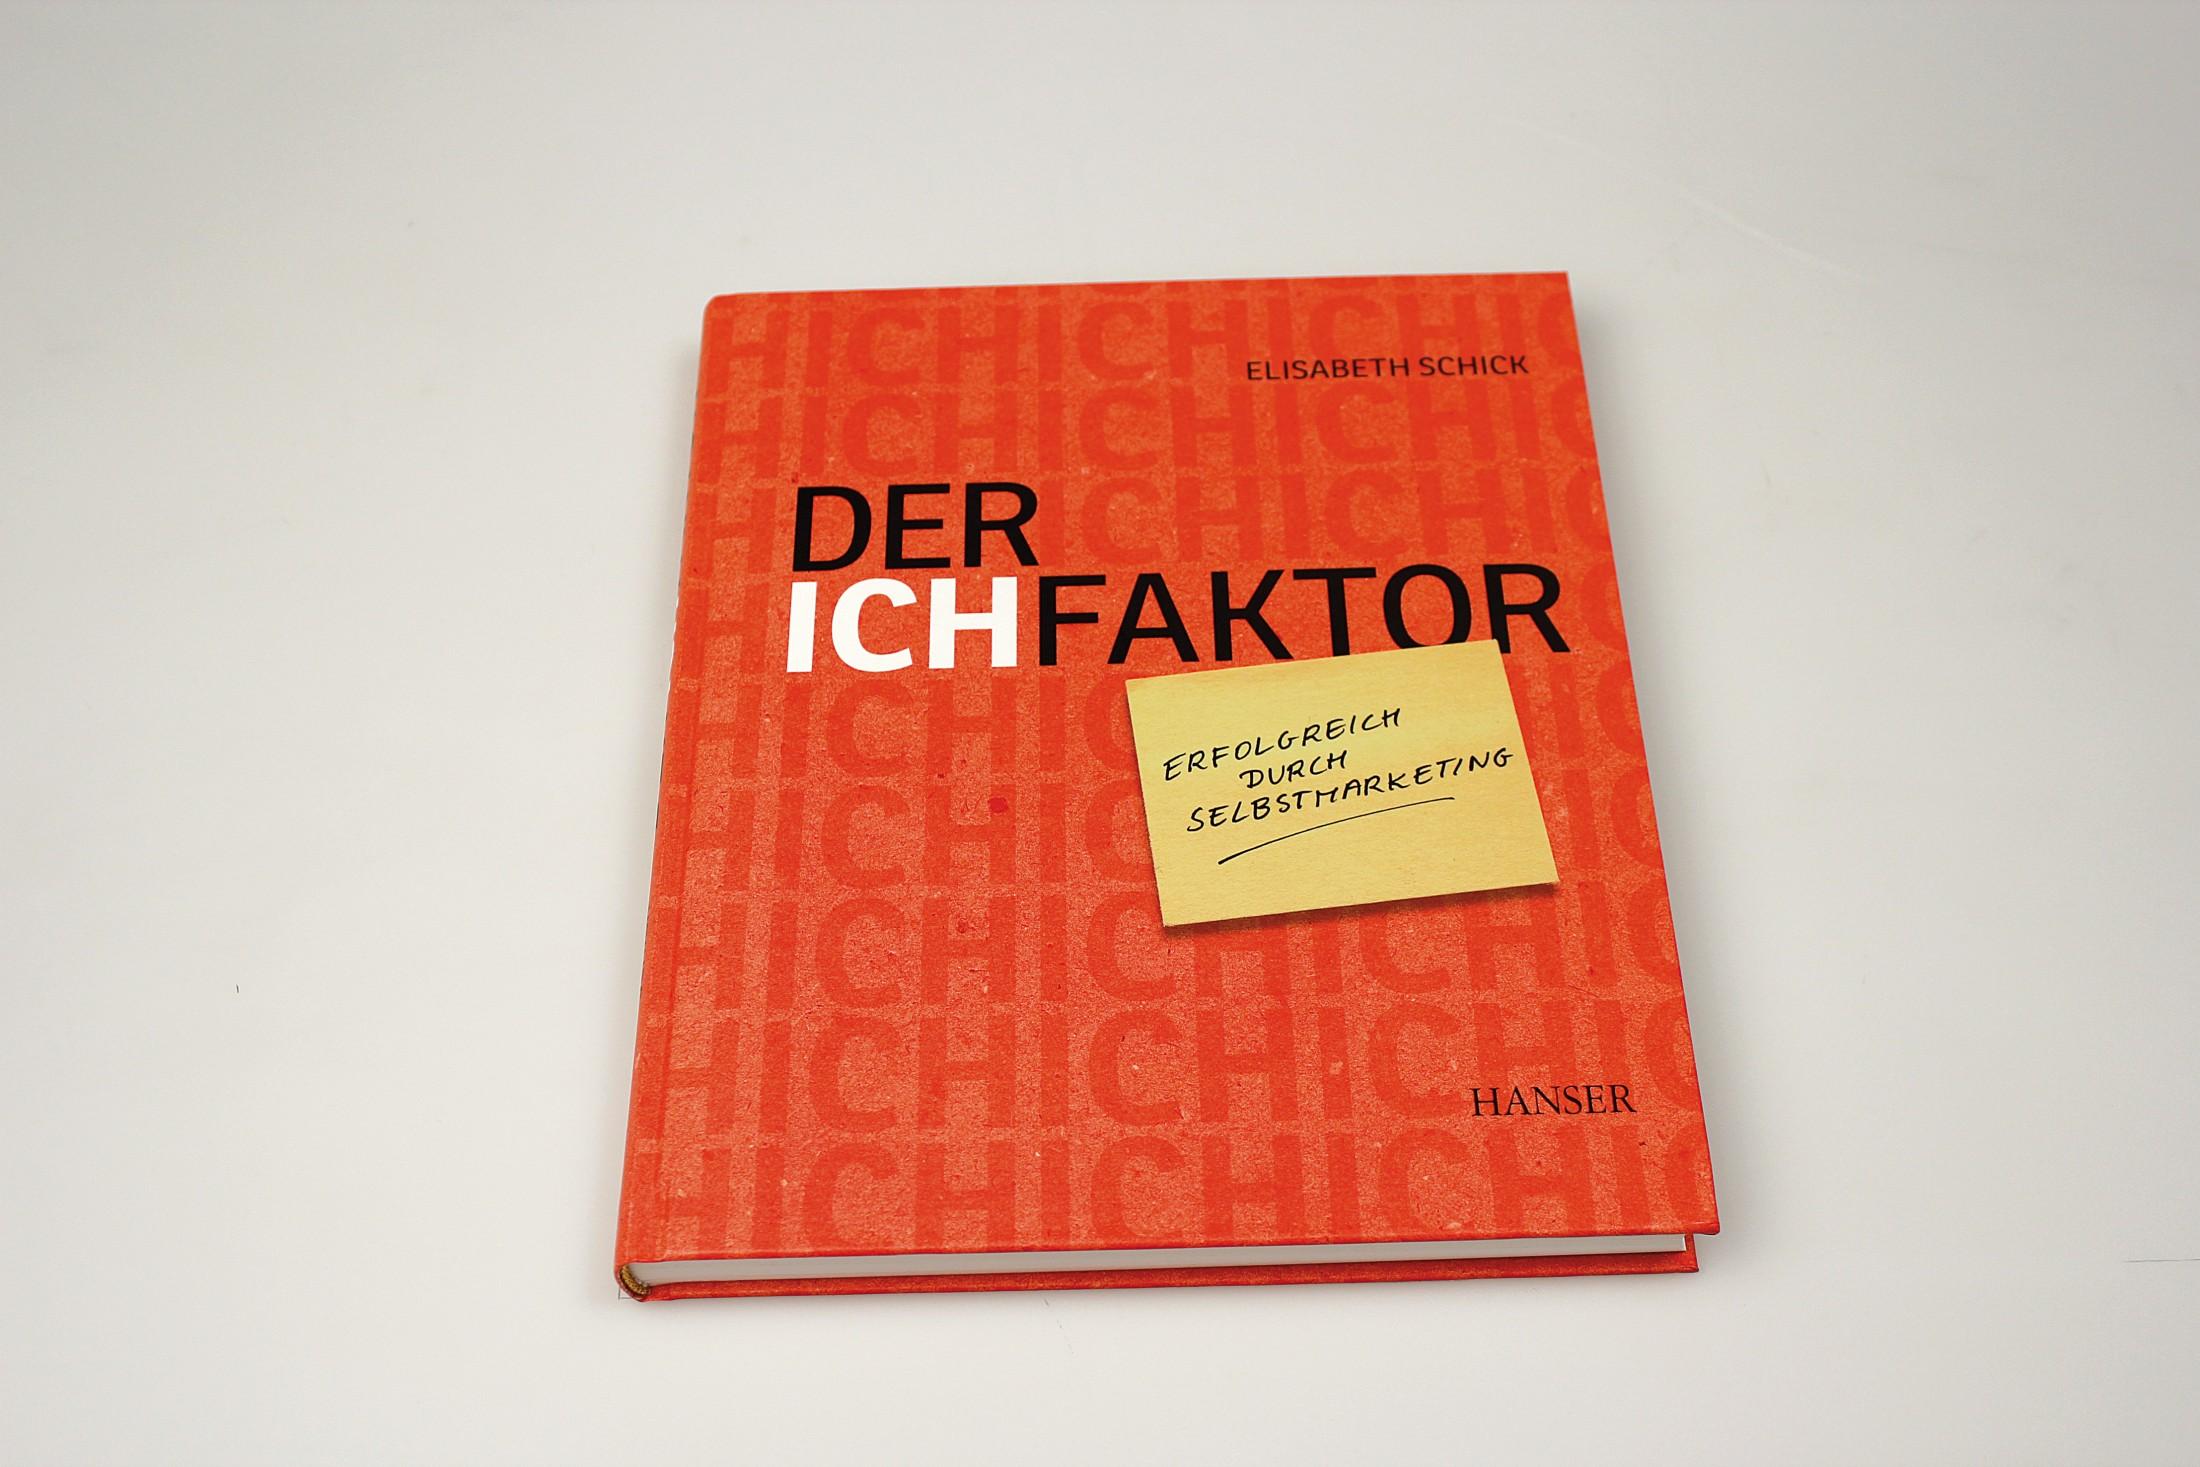 b_ich-faktor-1